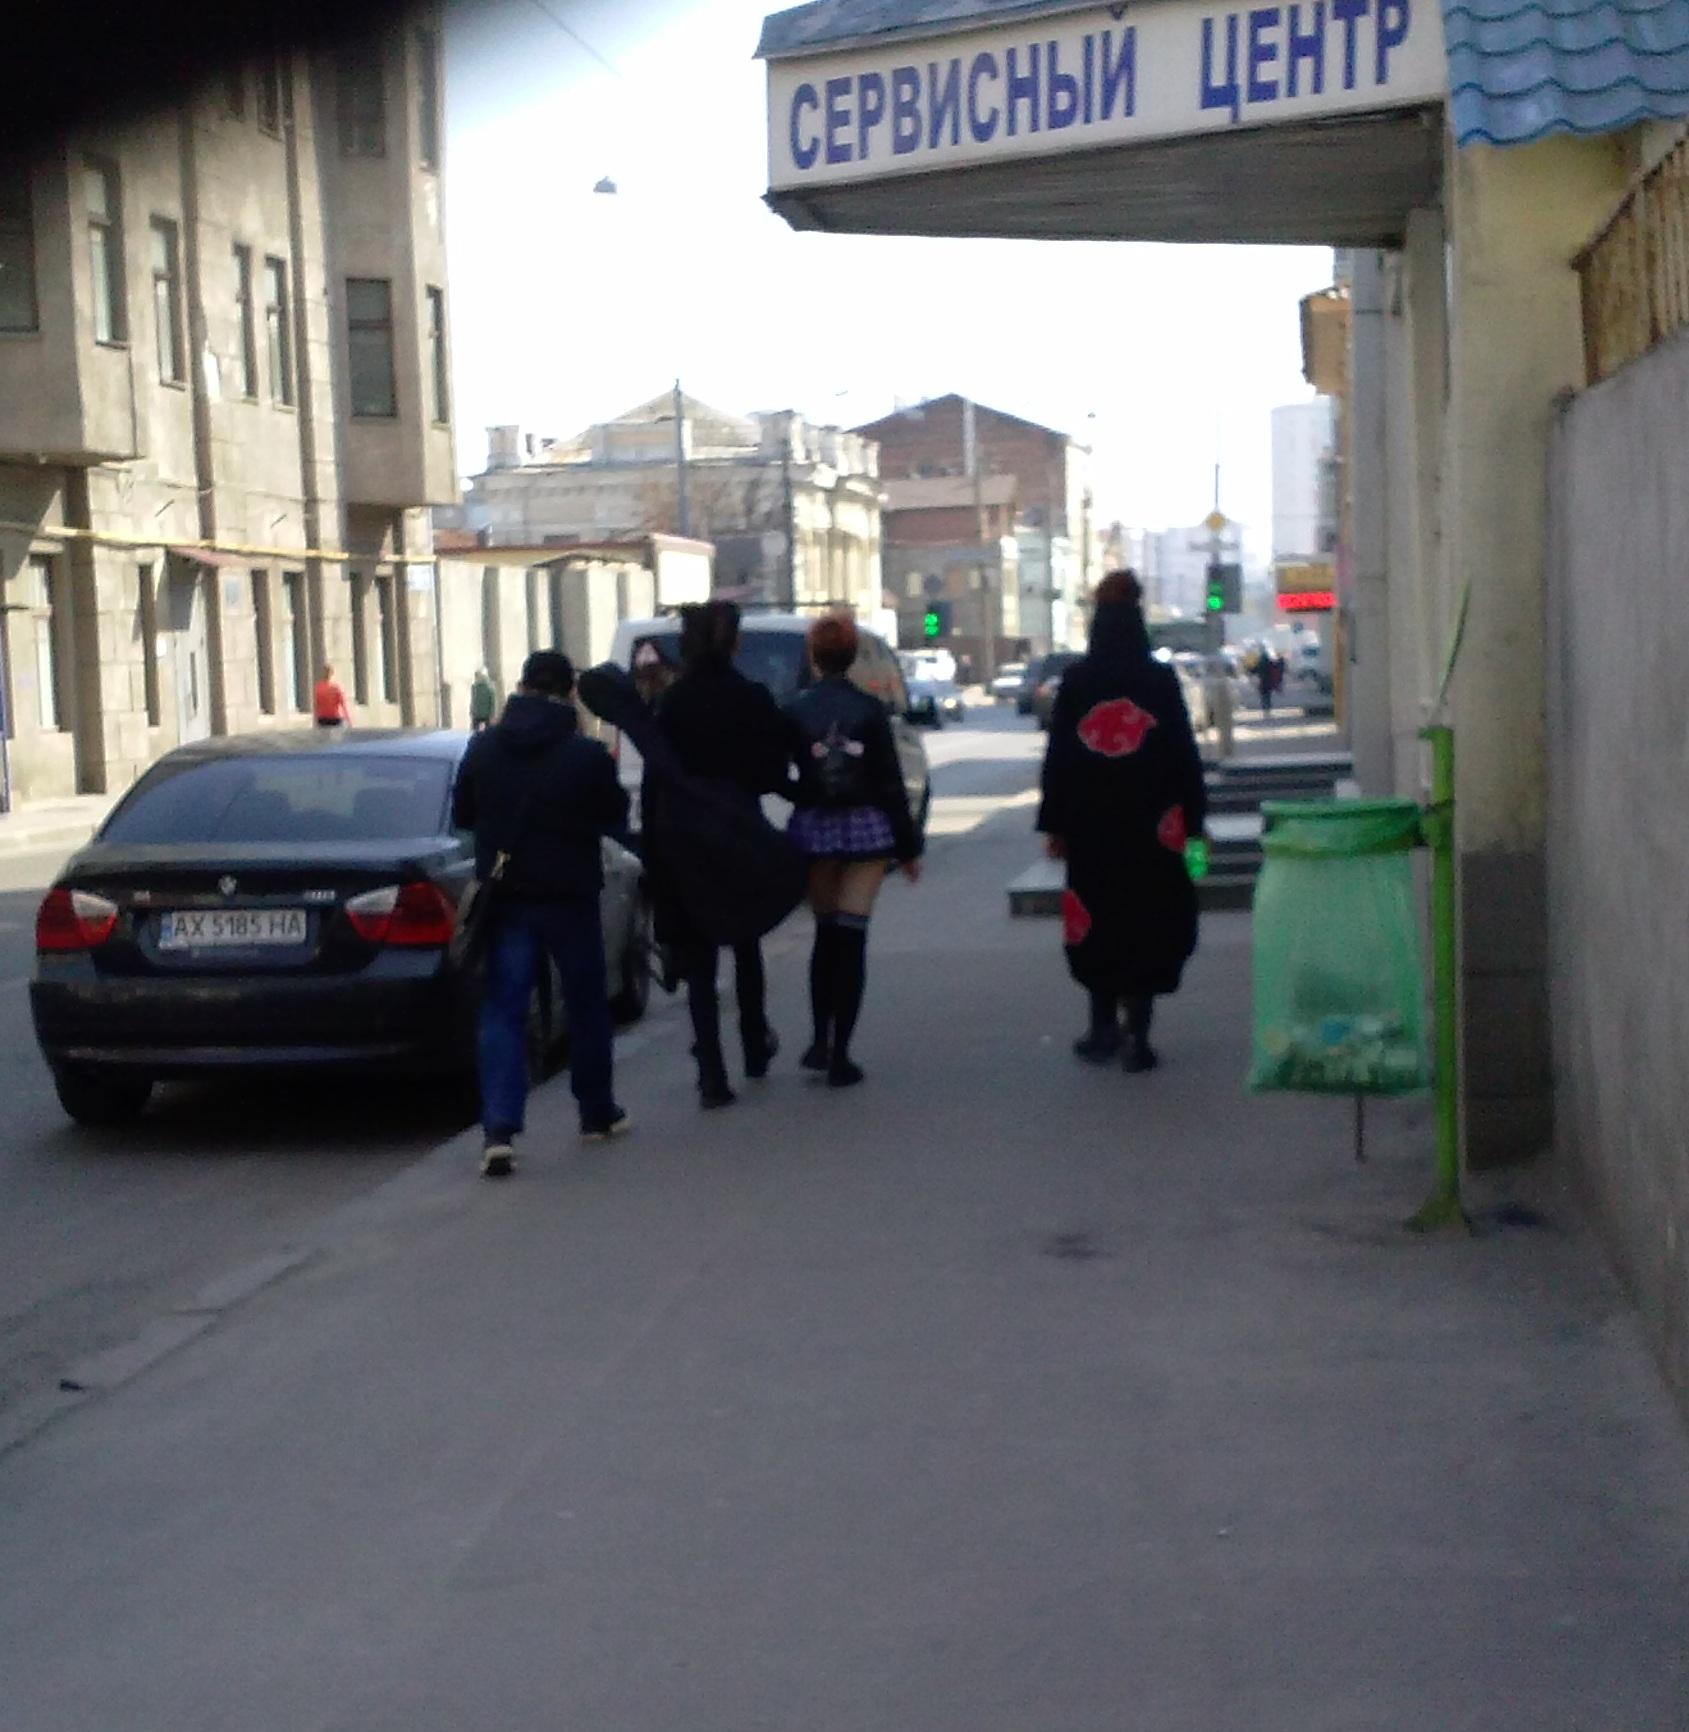 Харьков, март 2020